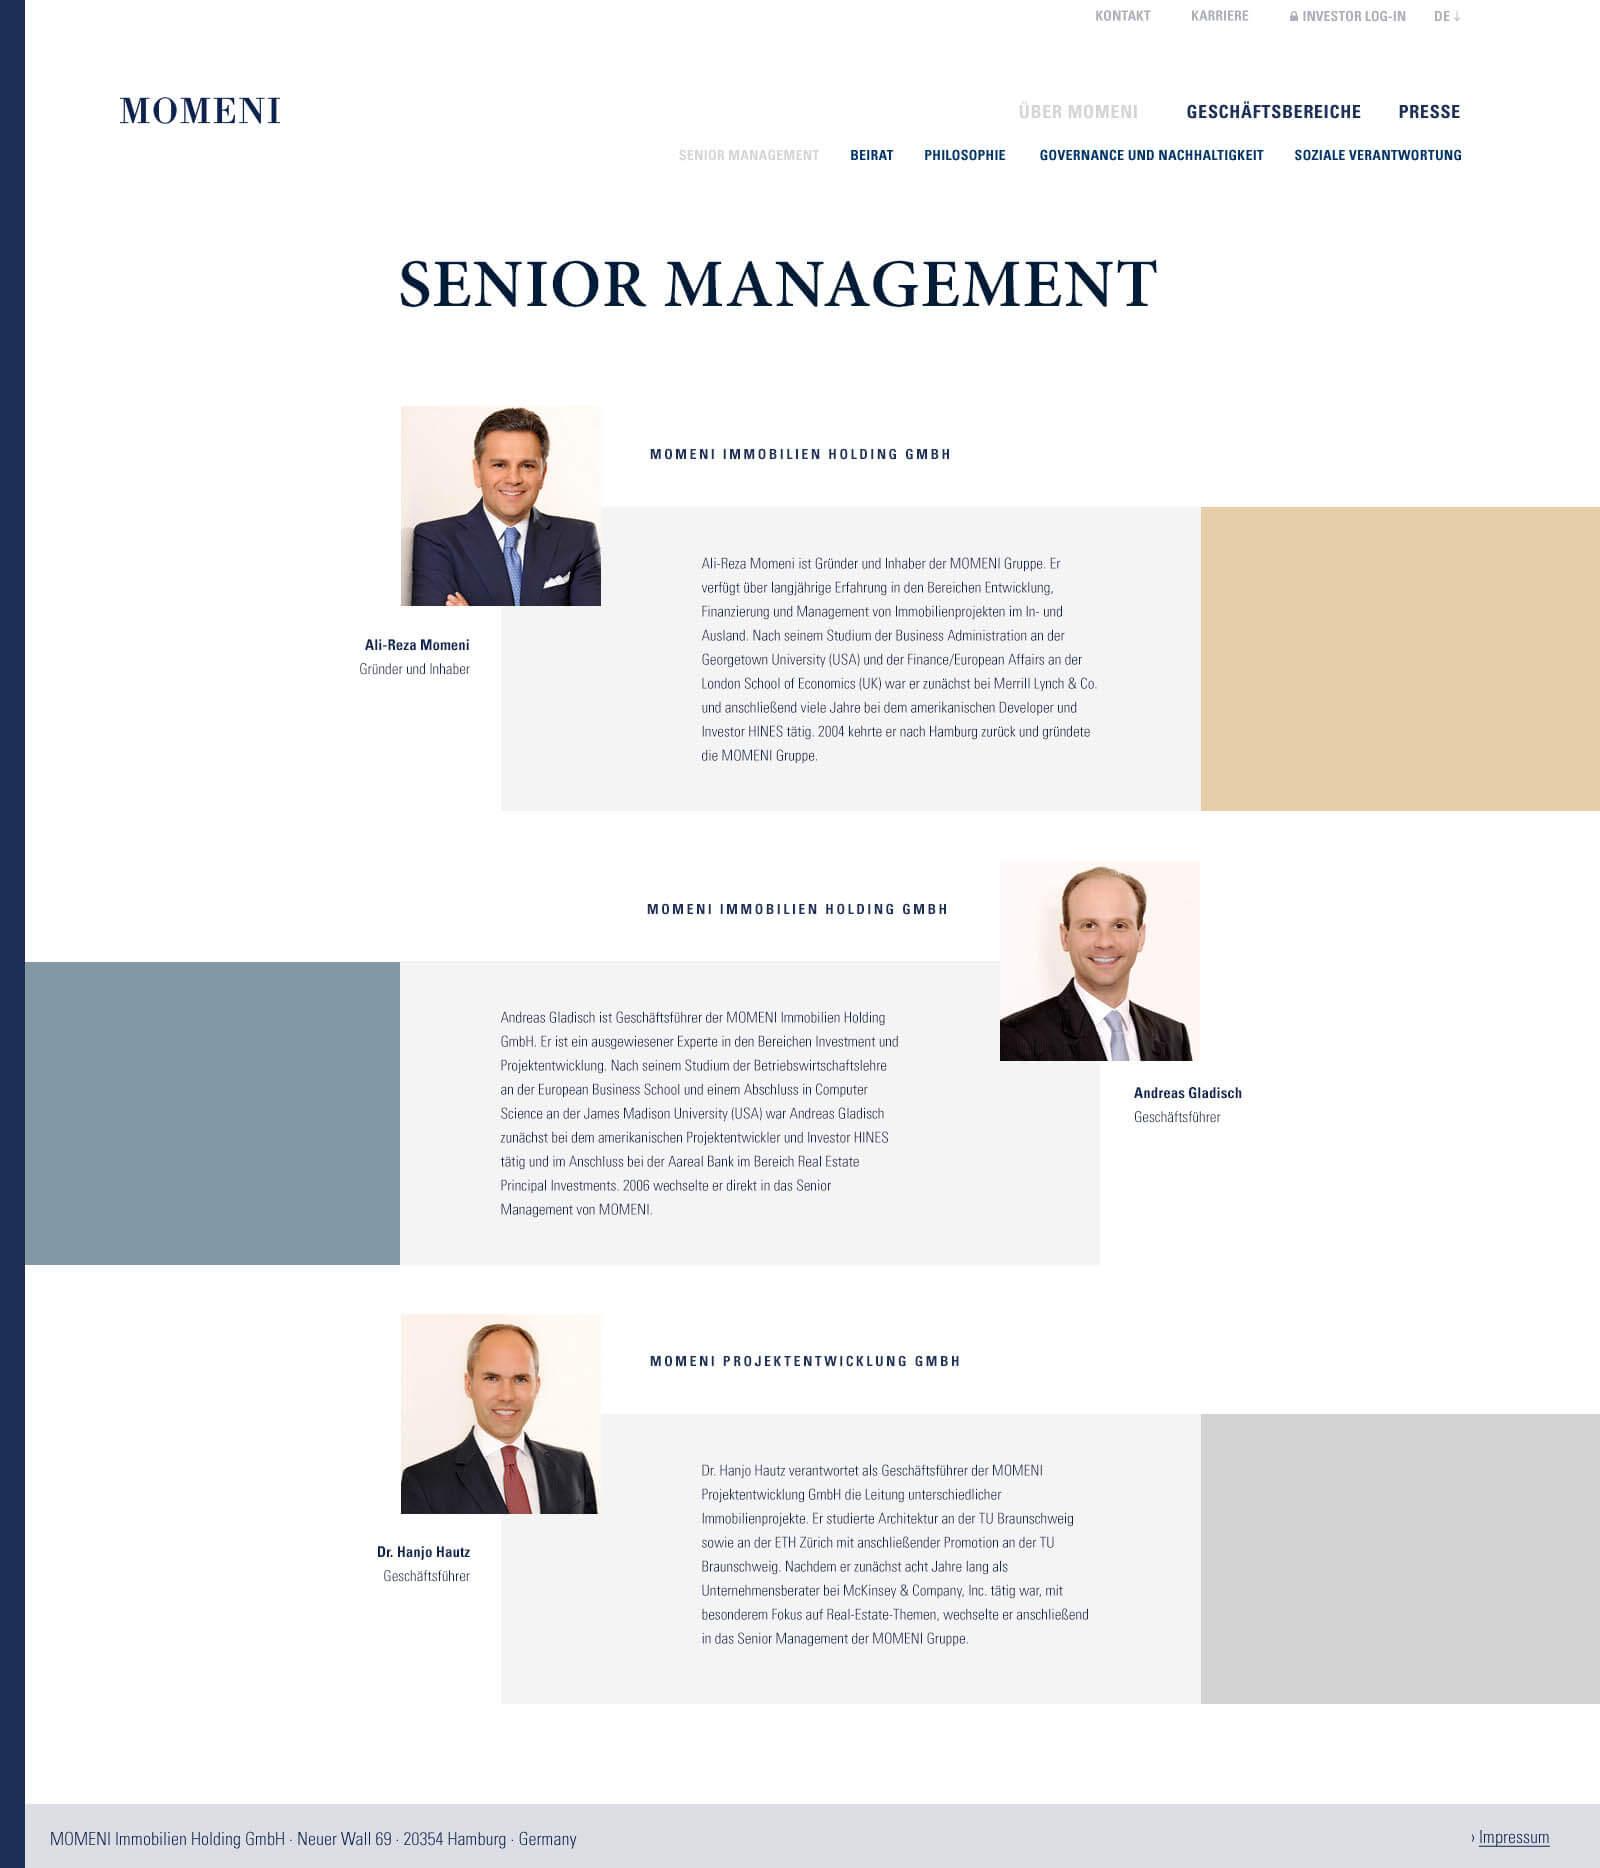 Immobilien Website in Düsseldorf: Projektentwickler Momeni Group - Board